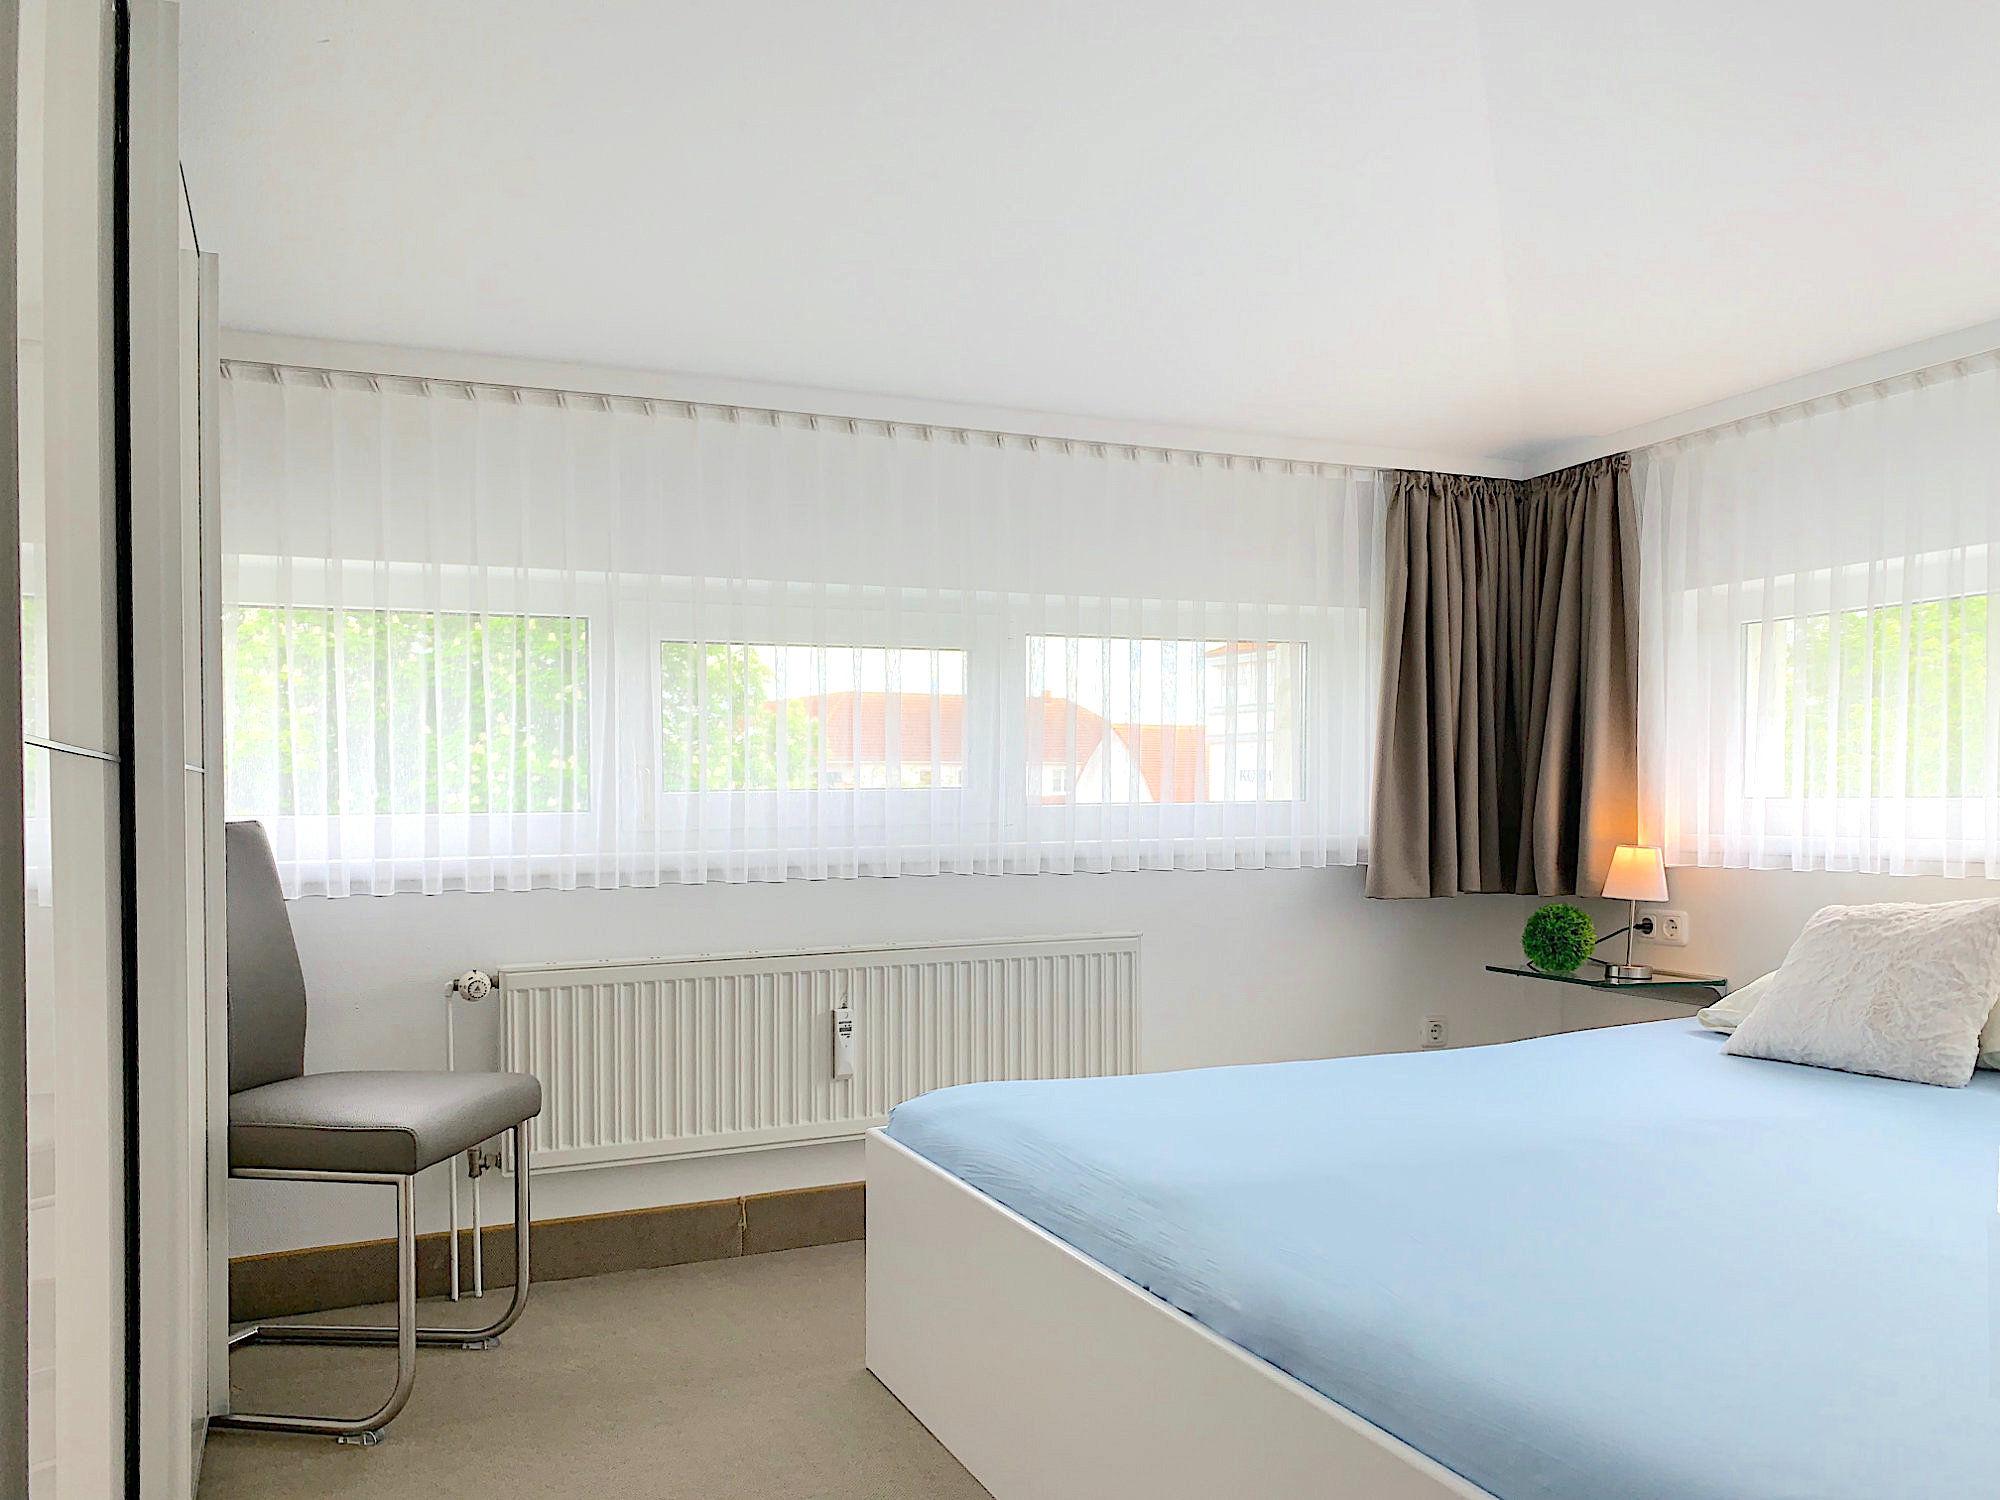 Zweites Schlafzimmer mit Doppelbett, große Fenster an zwei Wänden